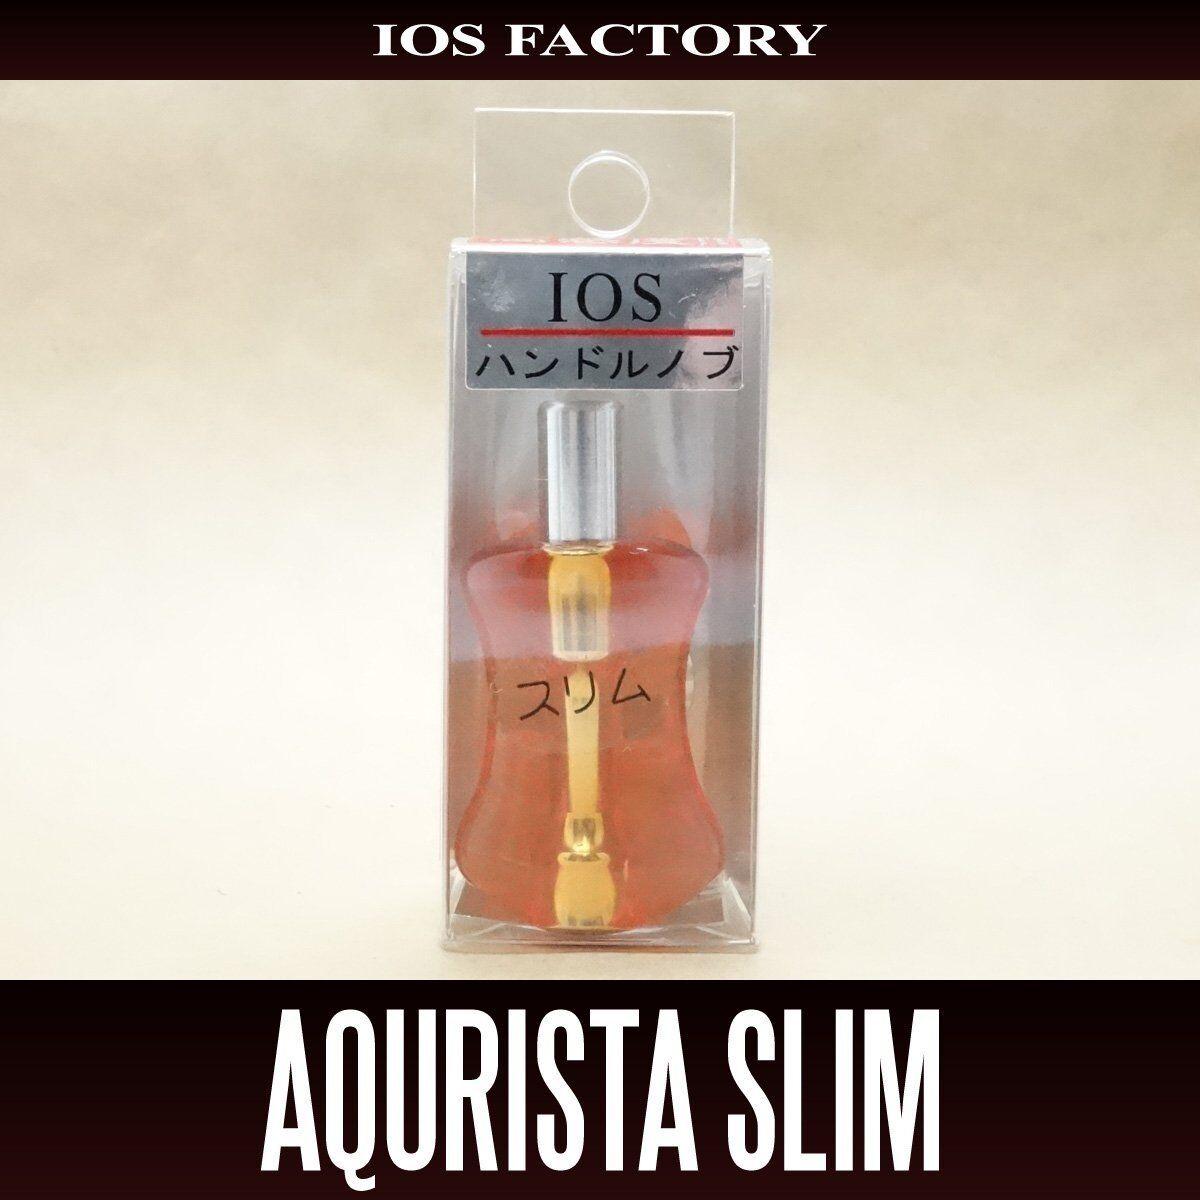 IOS FACTORY AQURISTA SLIM SUNRISE orange